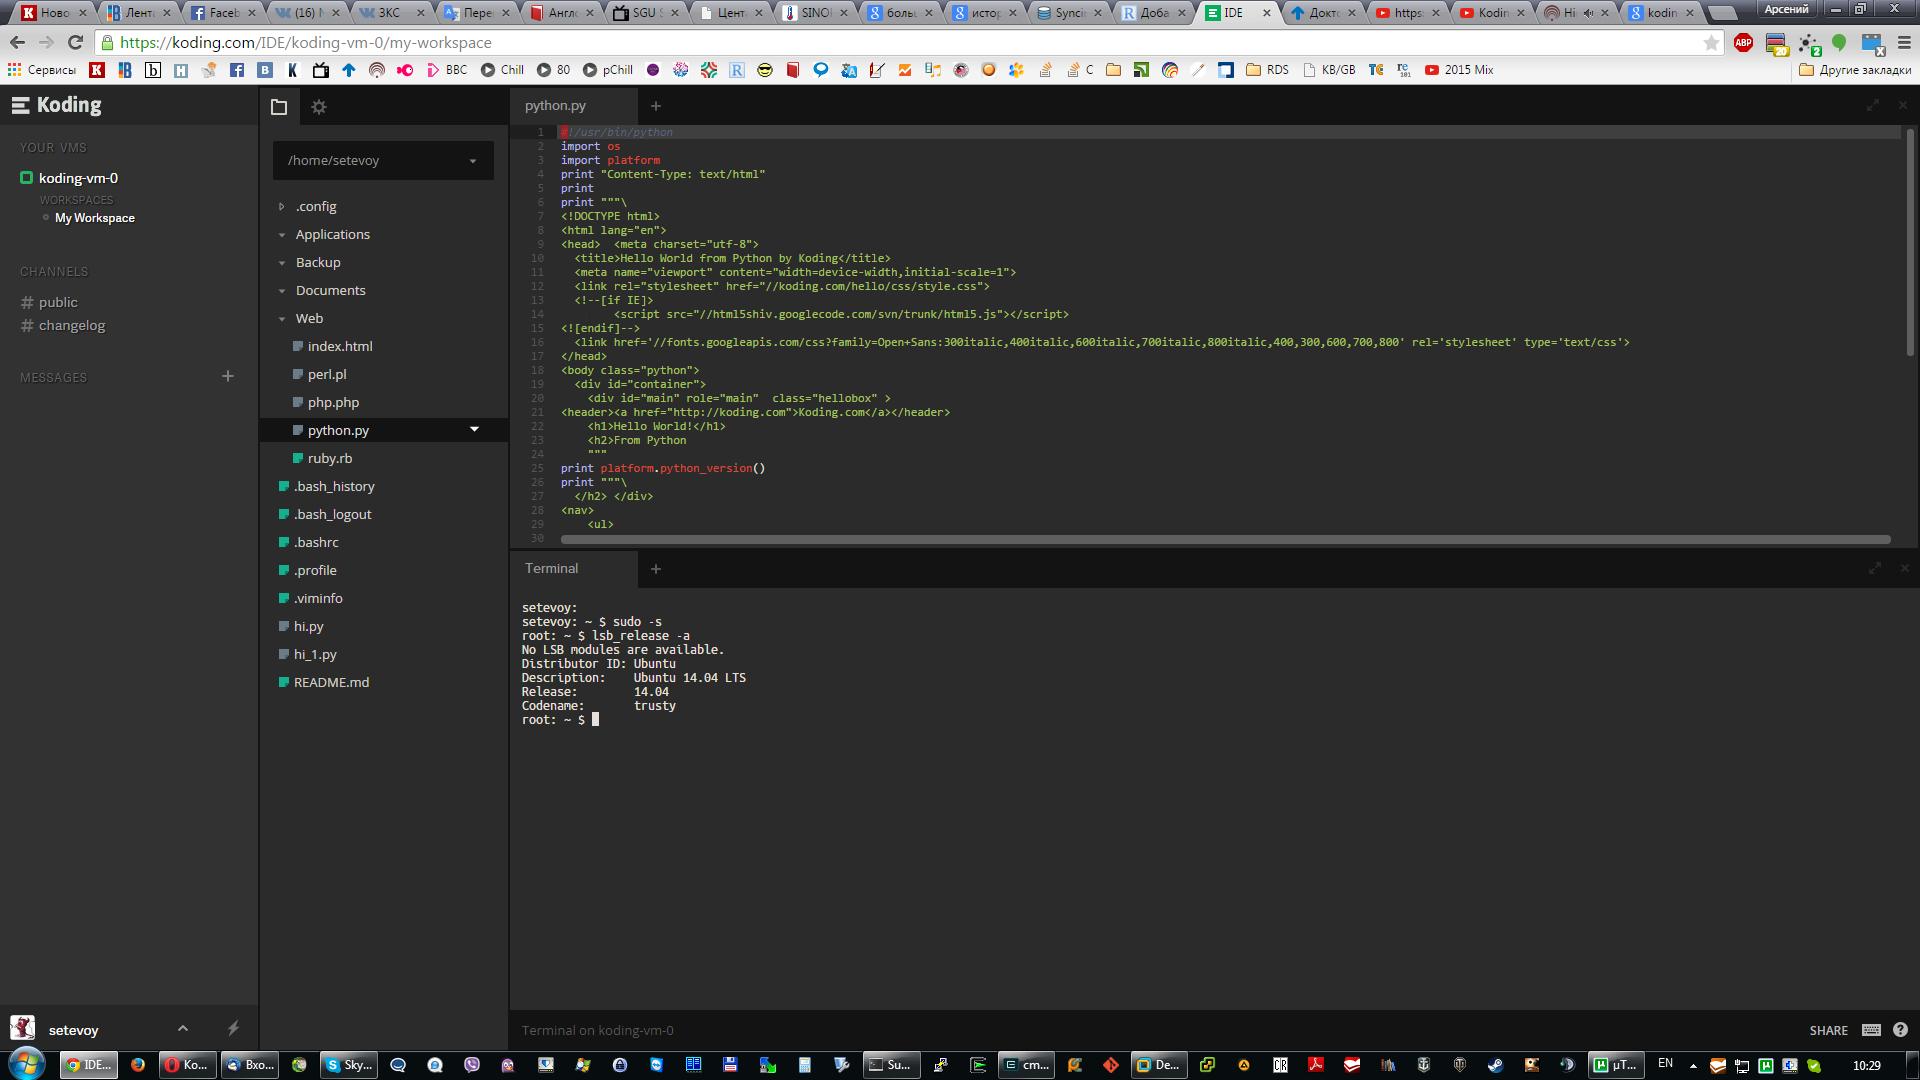 koding_1